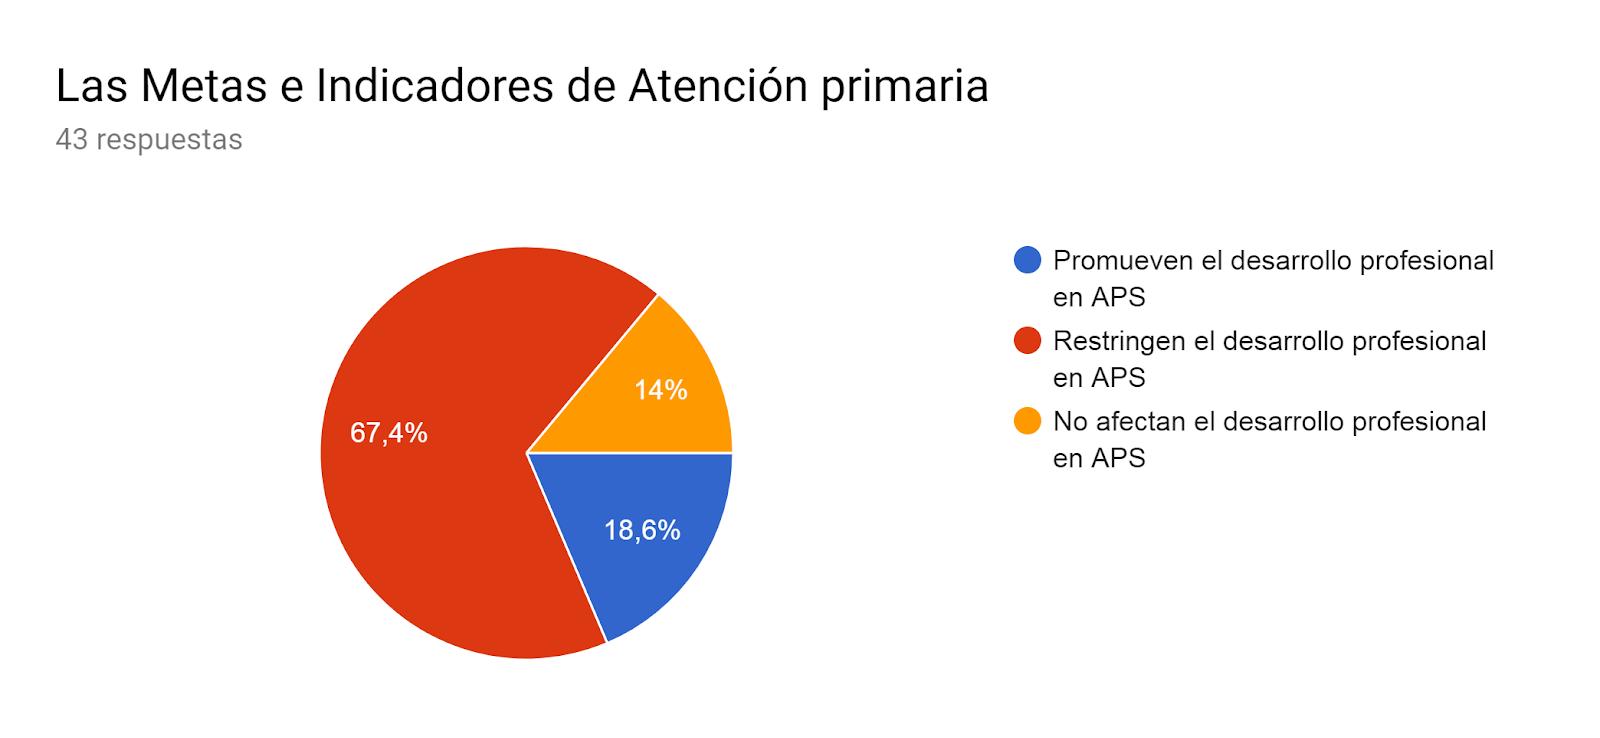 Gráfico de respuestas de formularios. Título de la pregunta:Las Metas e Indicadores de Atención primaria. Número de respuestas:43 respuestas.